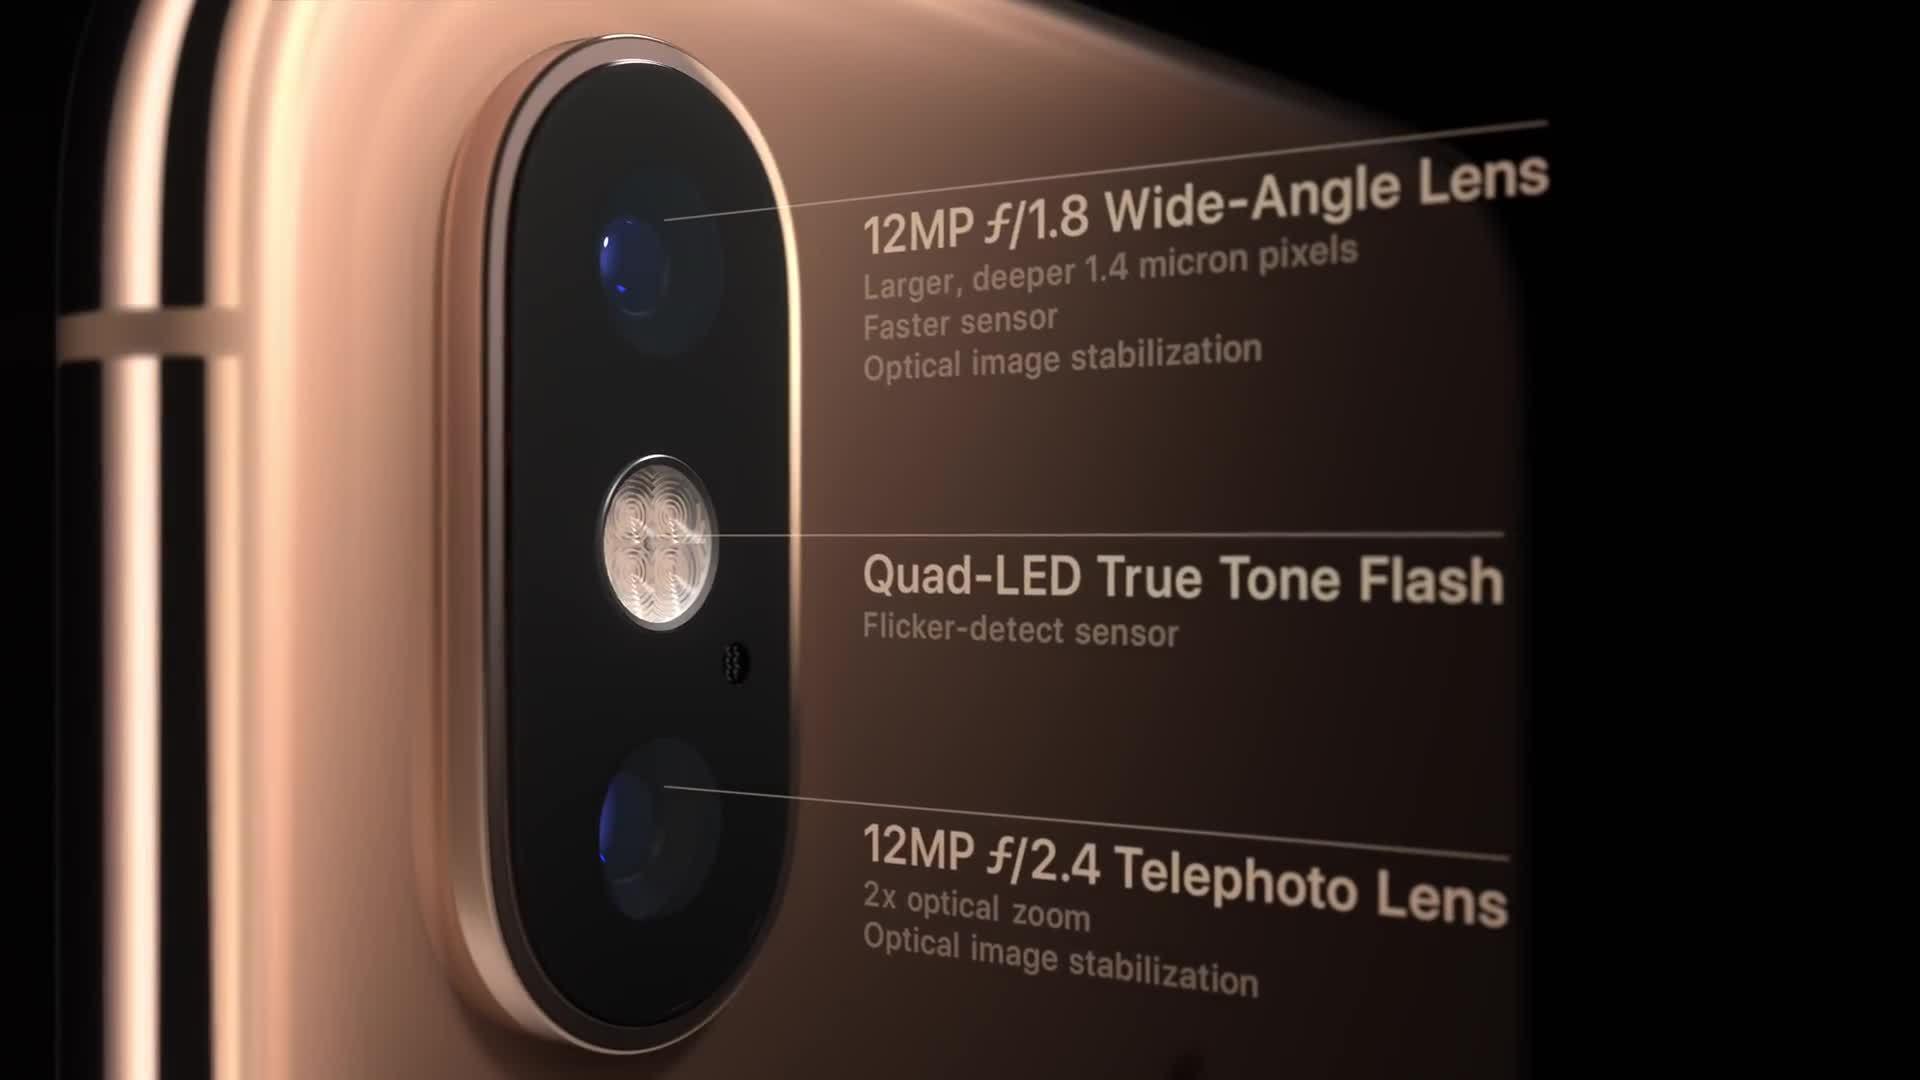 Giới thiệu về bộ 3 sản phẩm iPhoneXS, XS Max và iPhone Xr của Apple